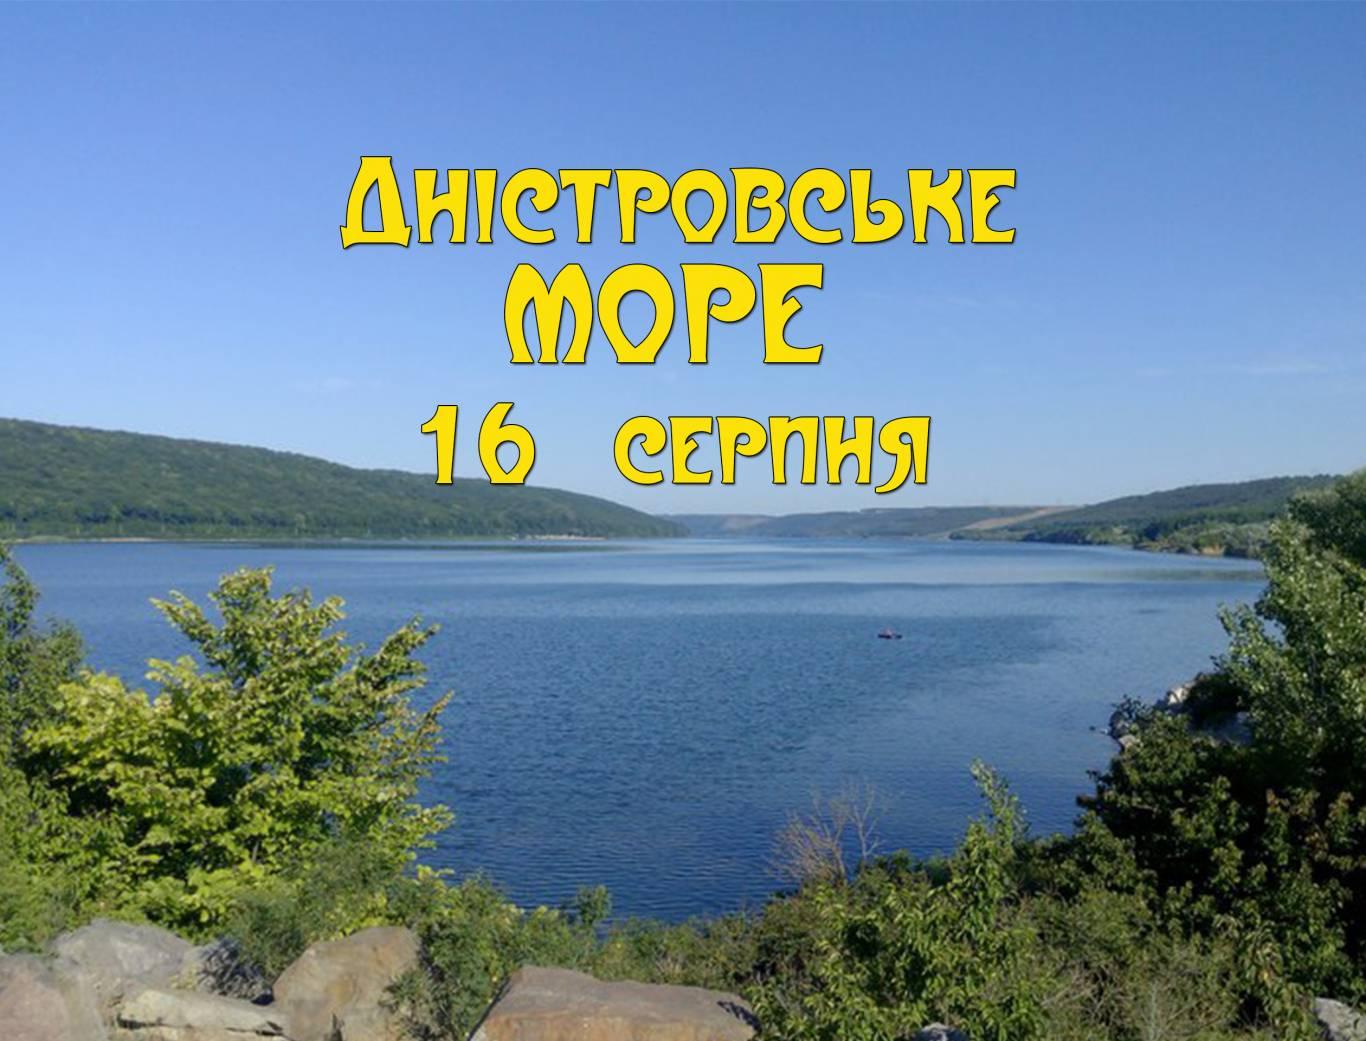 Дністровське море 16 серпня, розслабушний відпочинок!